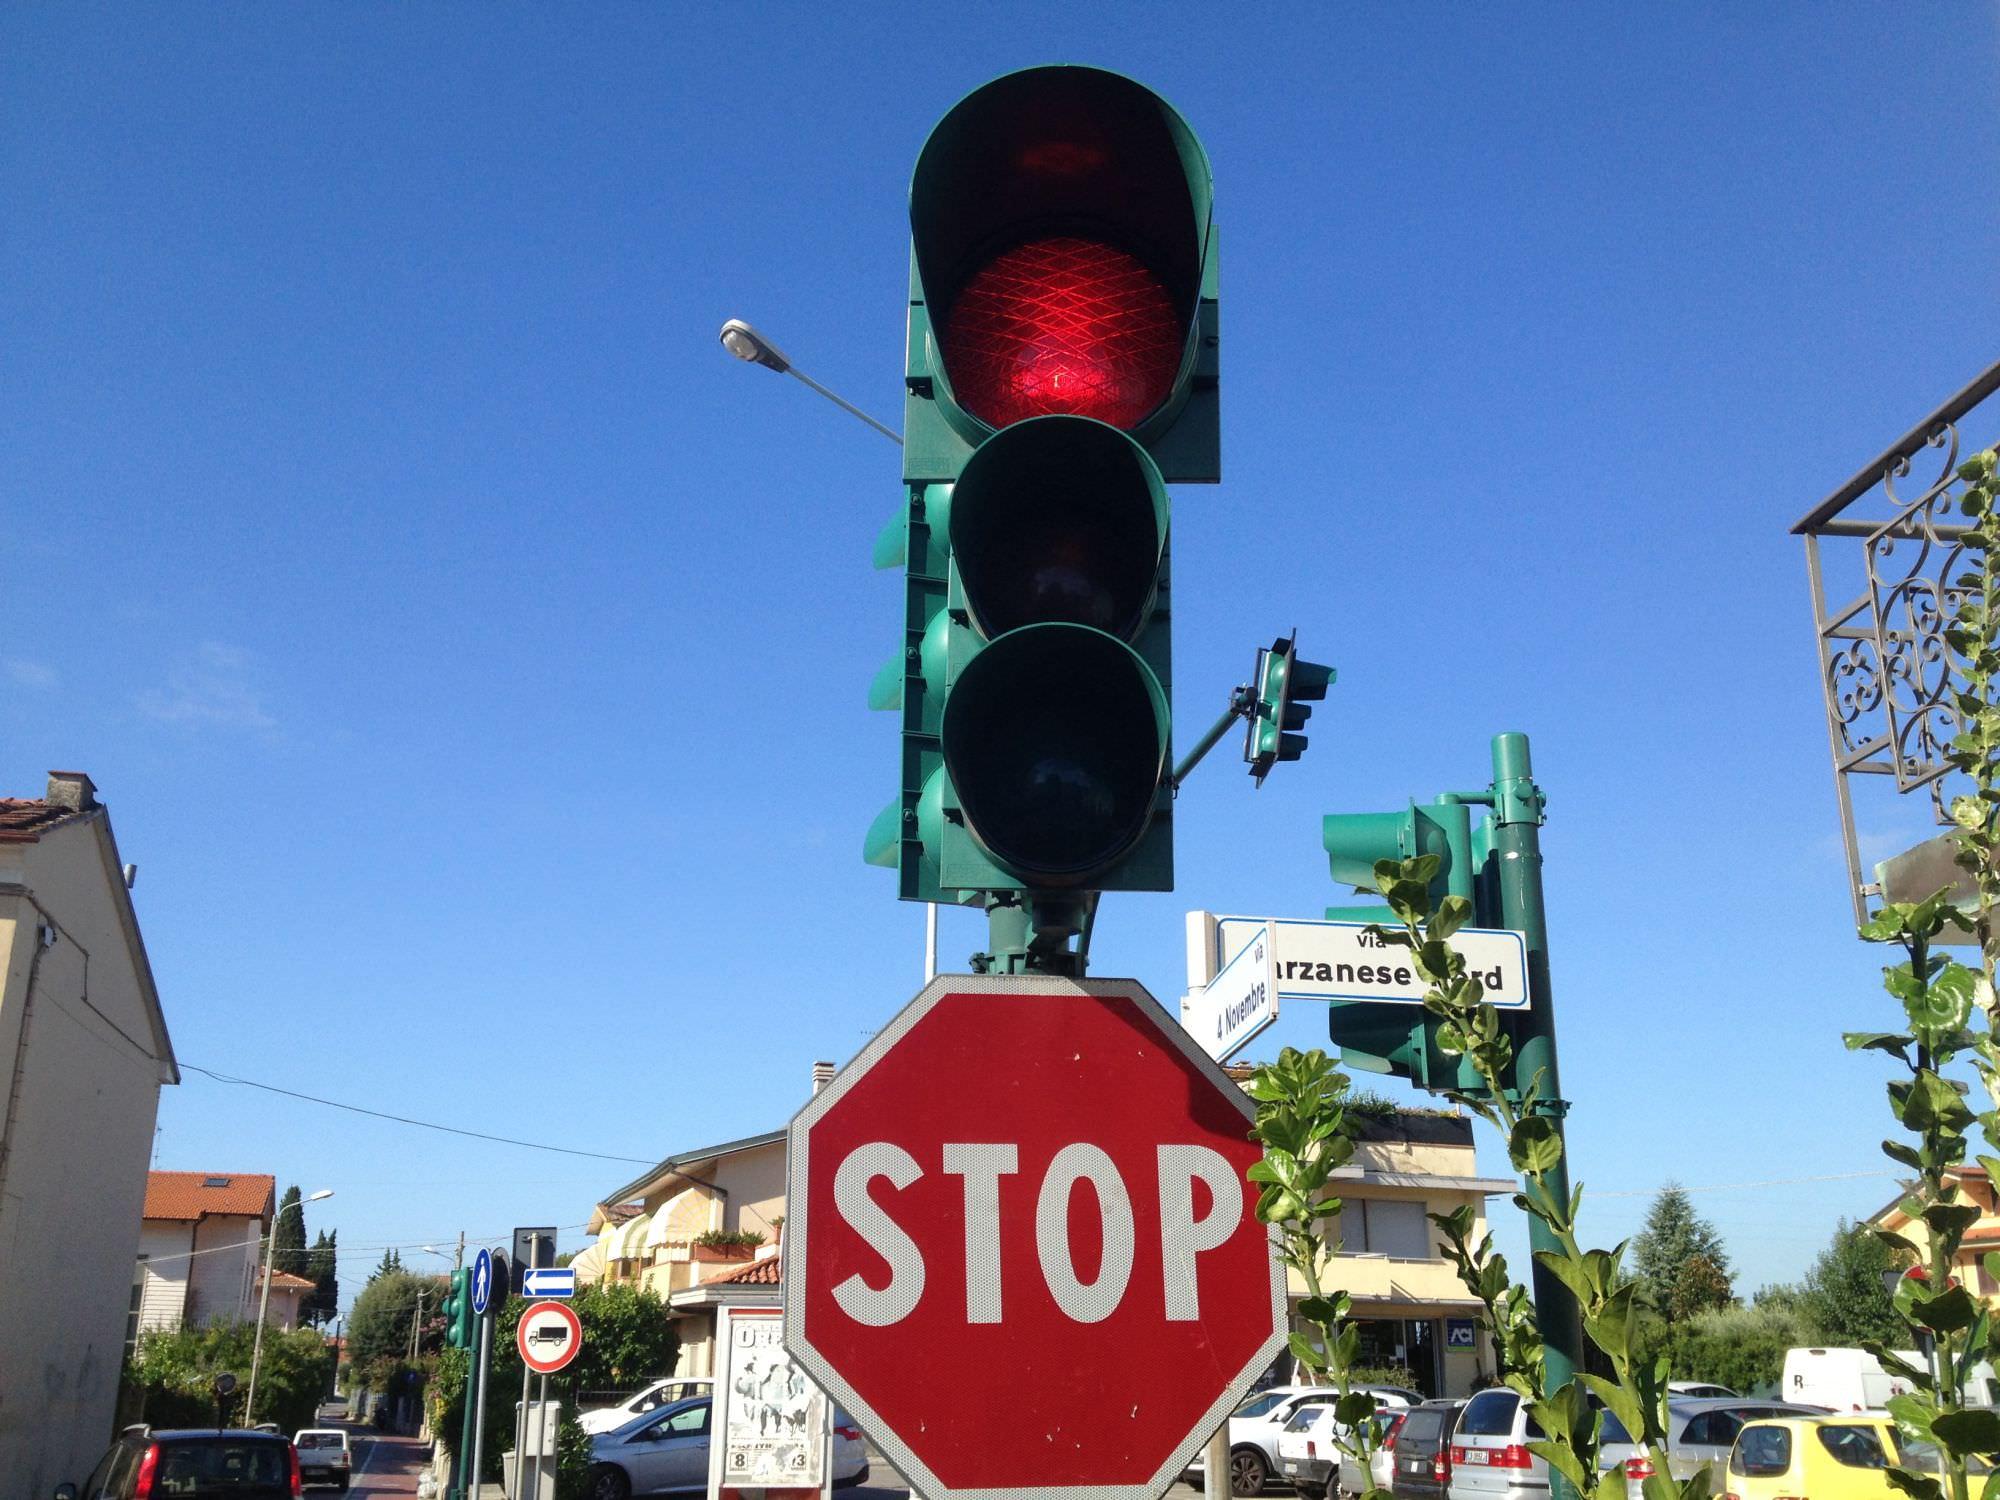 Nuovo semaforo all'incrocio tra via Macchia Monteggiorini e via del Paduletto